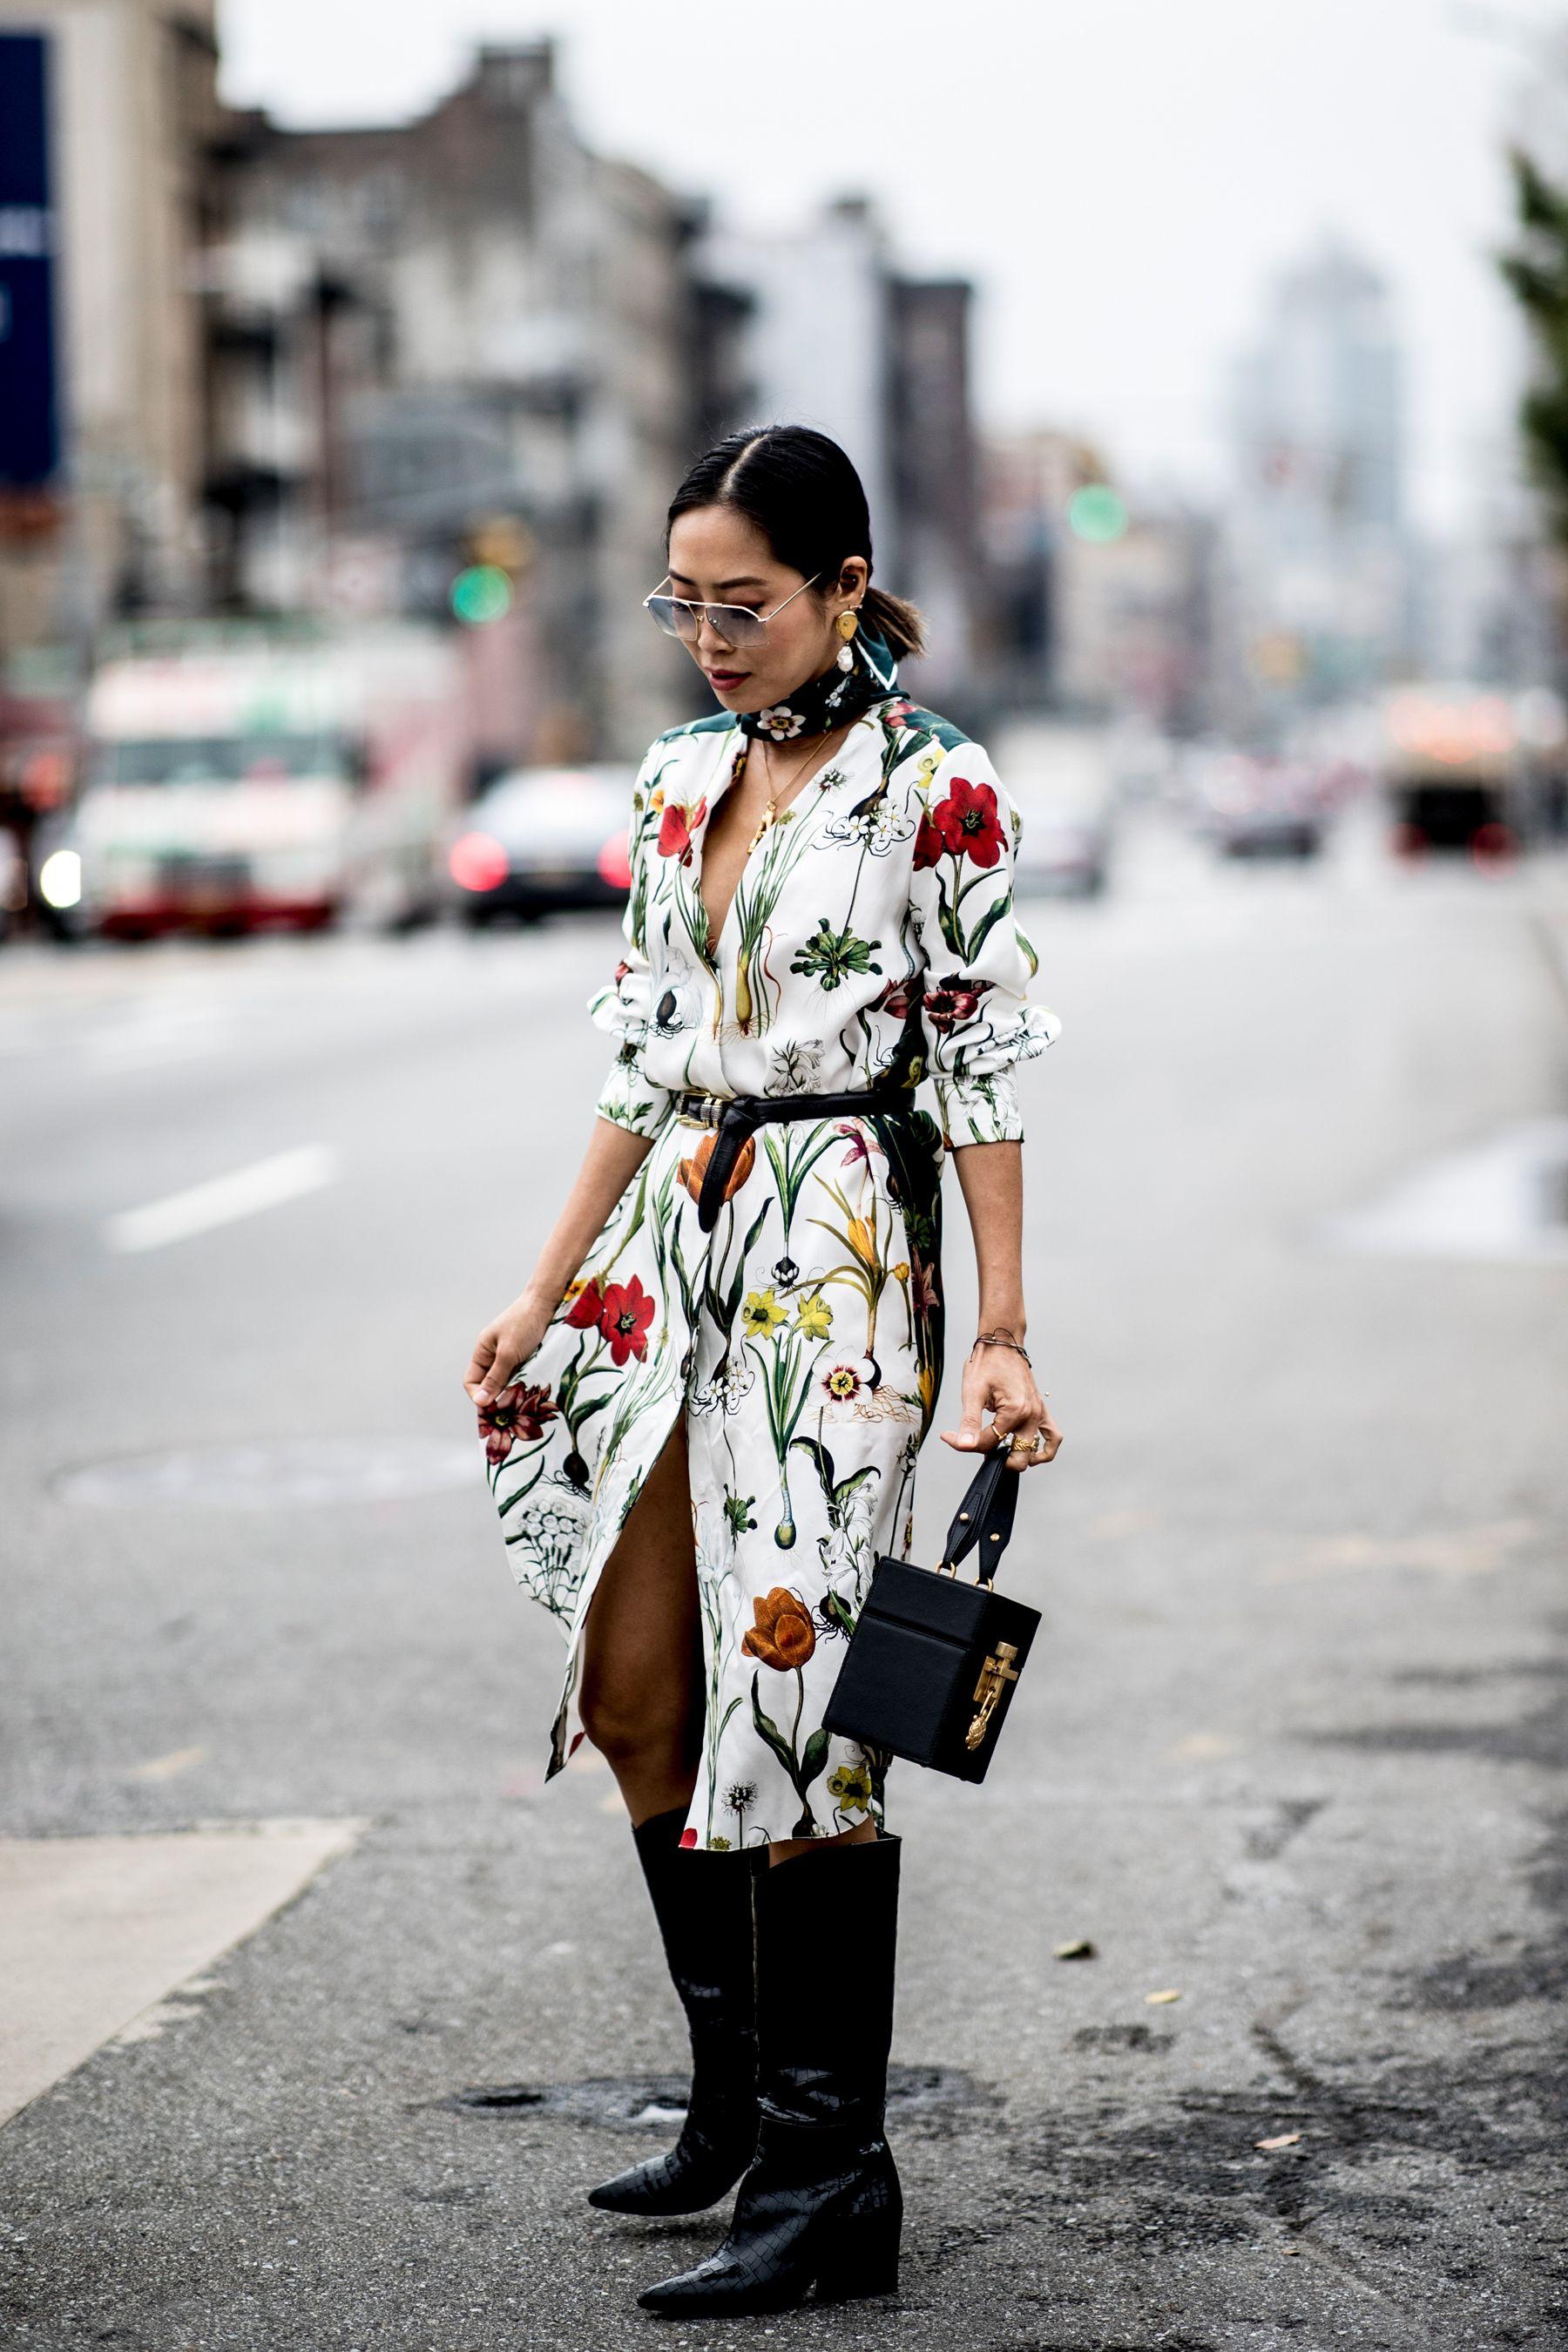 359fc7556 Cómo llevar el estampado floral en otoño - El street style de Nueva York se  rinde al estampado floral